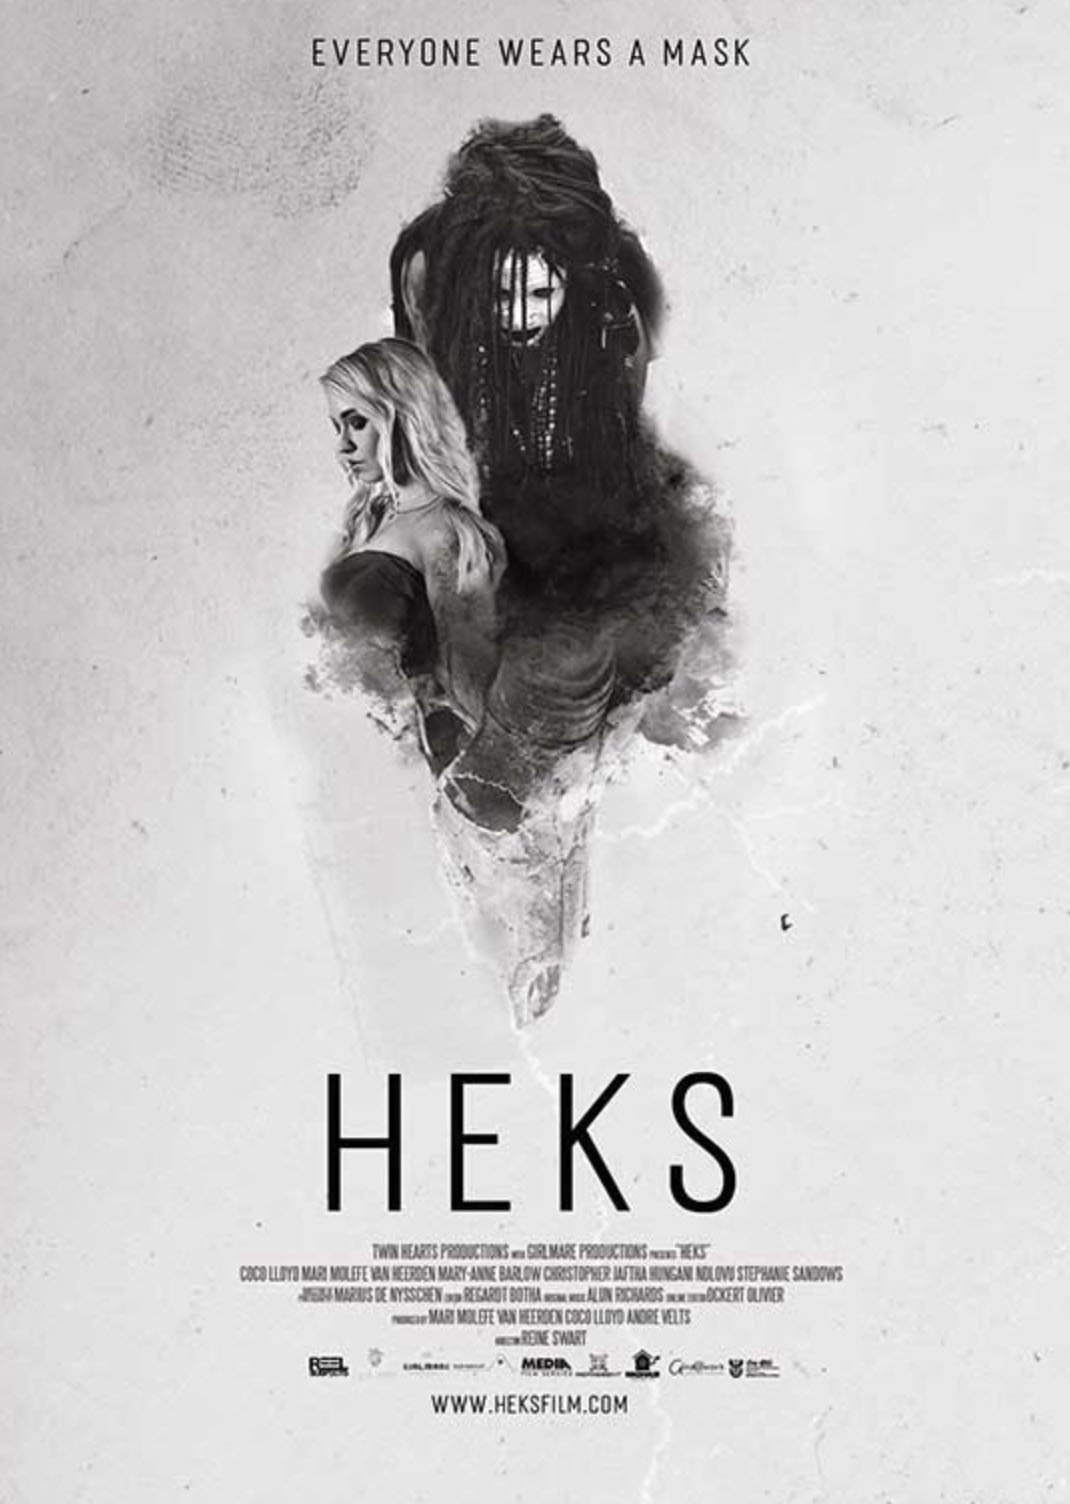 Heks film